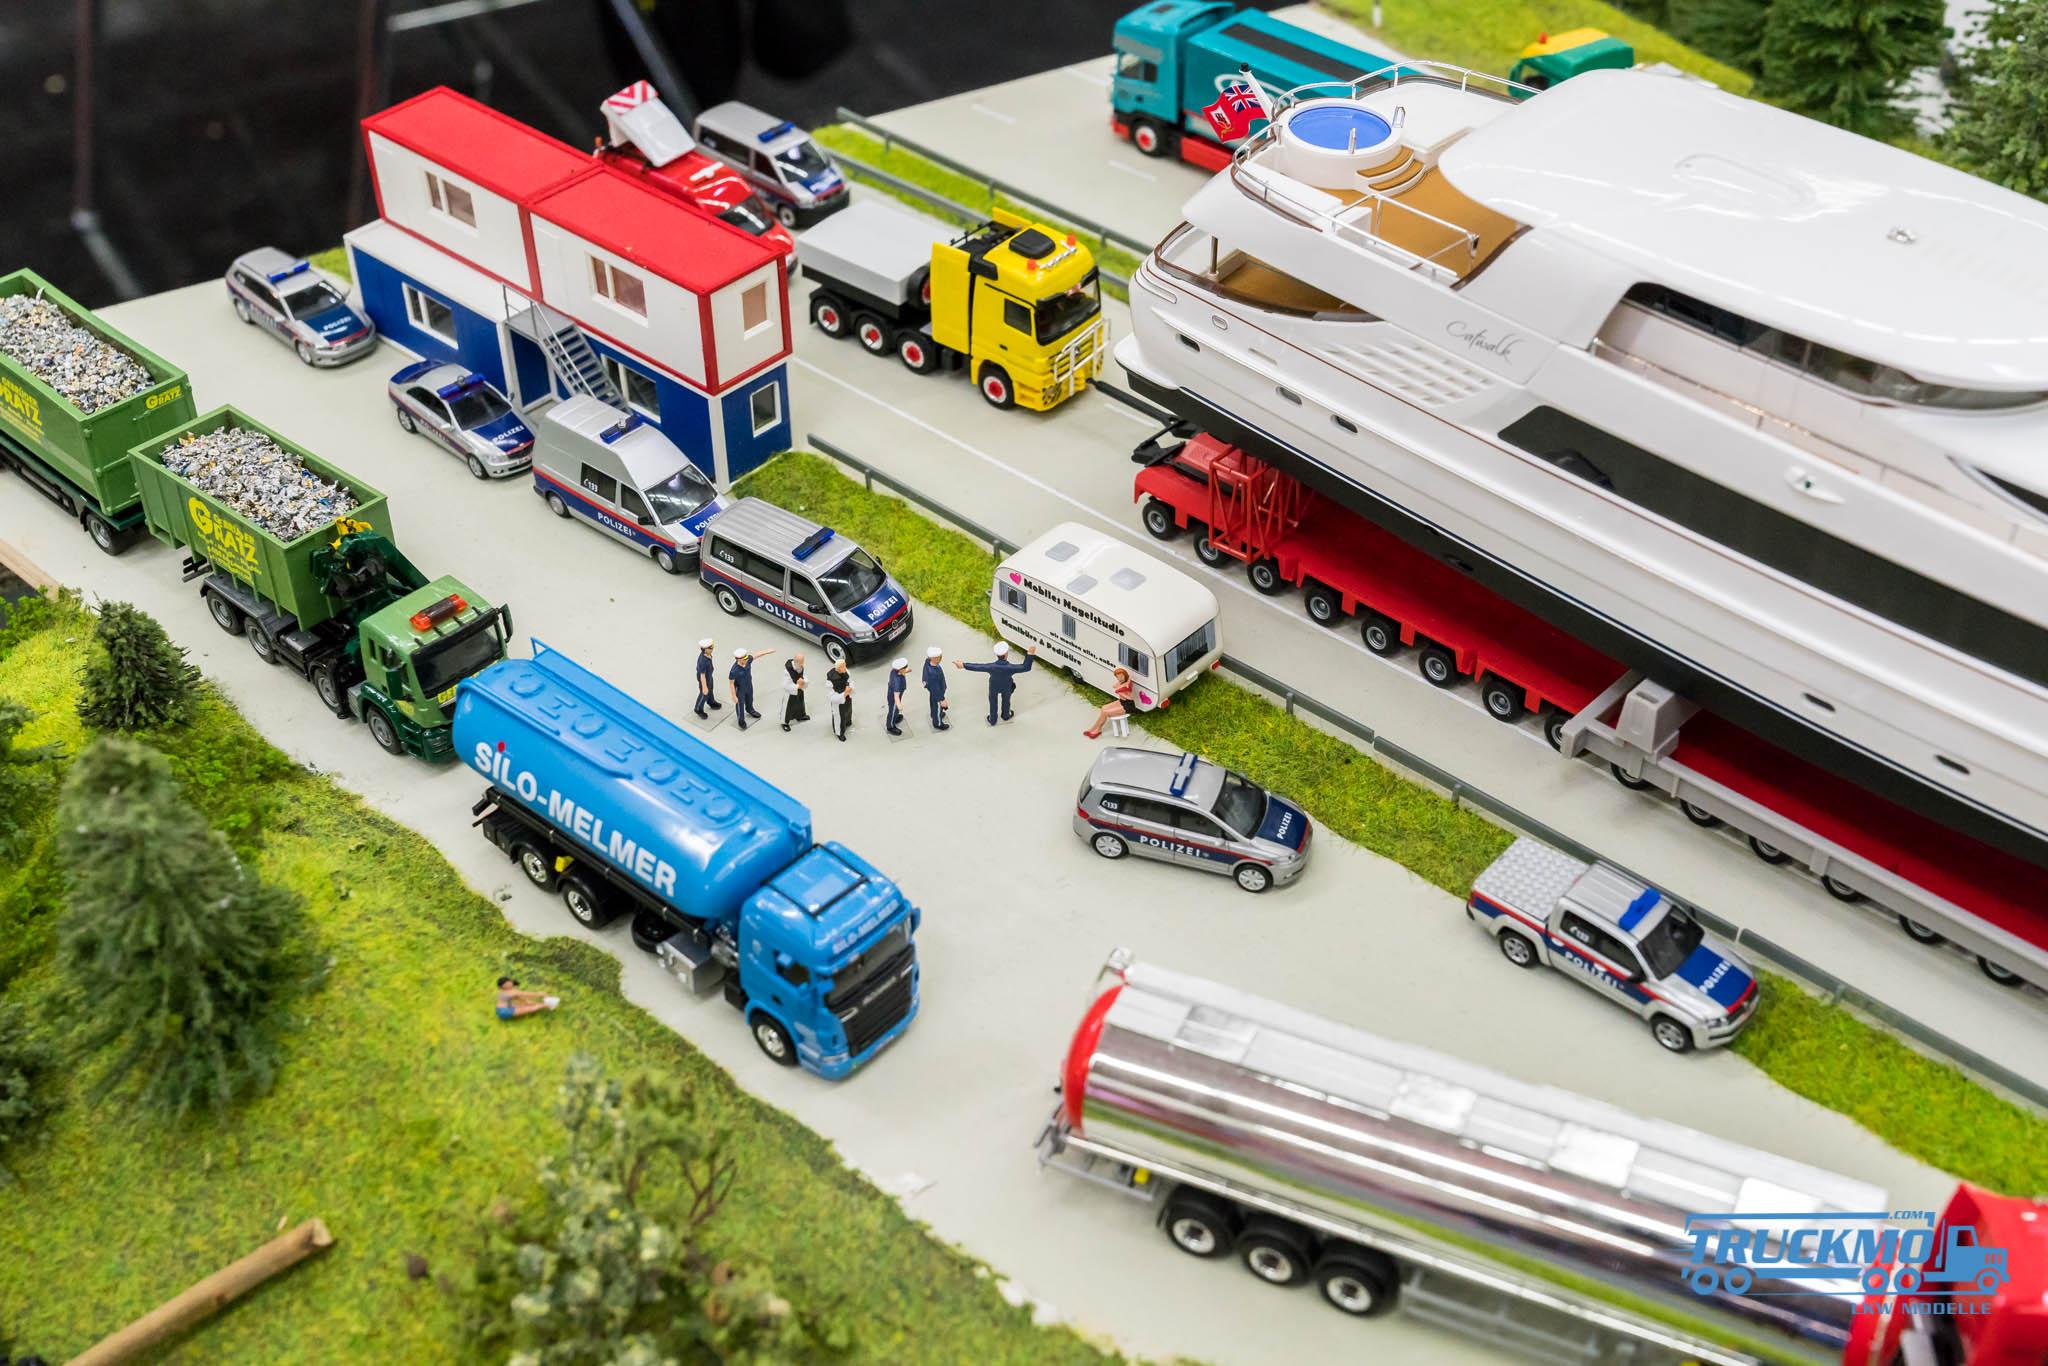 Truckmo_Modellbau_Ried_2017_Herpa_Messe_Modellbauausstellung (259 von 1177)